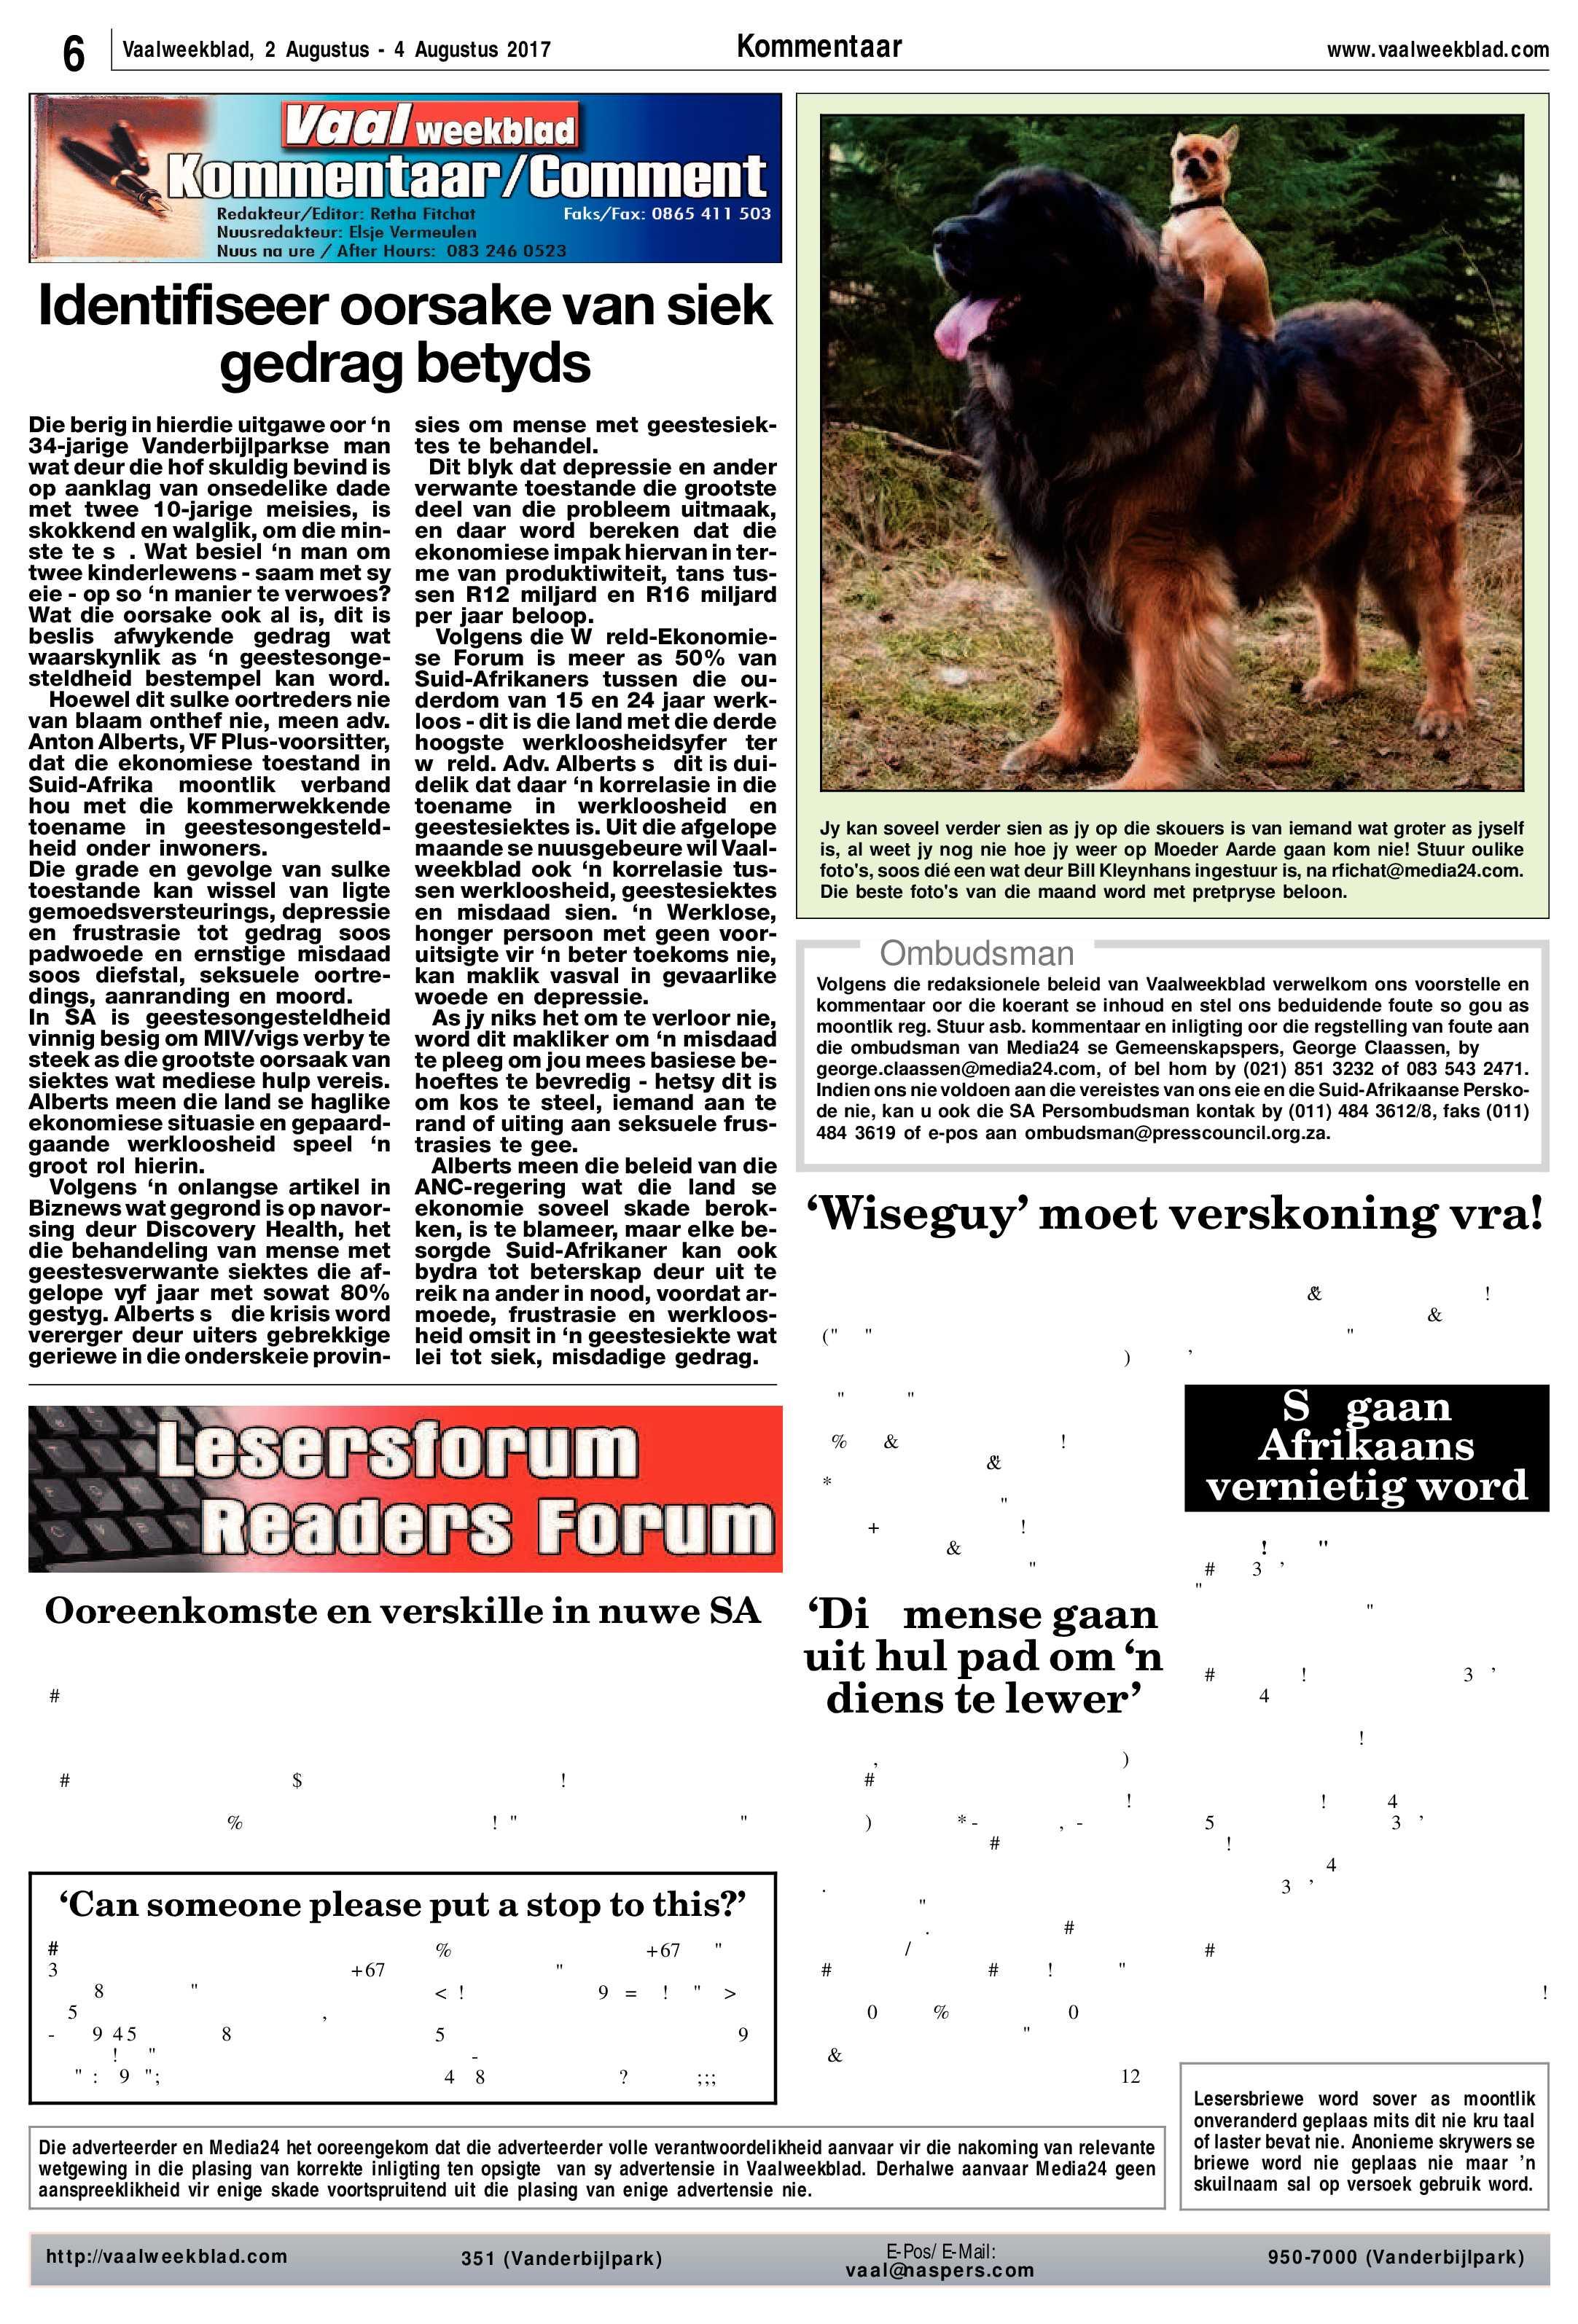 vaalweekblad-2-4-augustus-2017-epapers-page-6